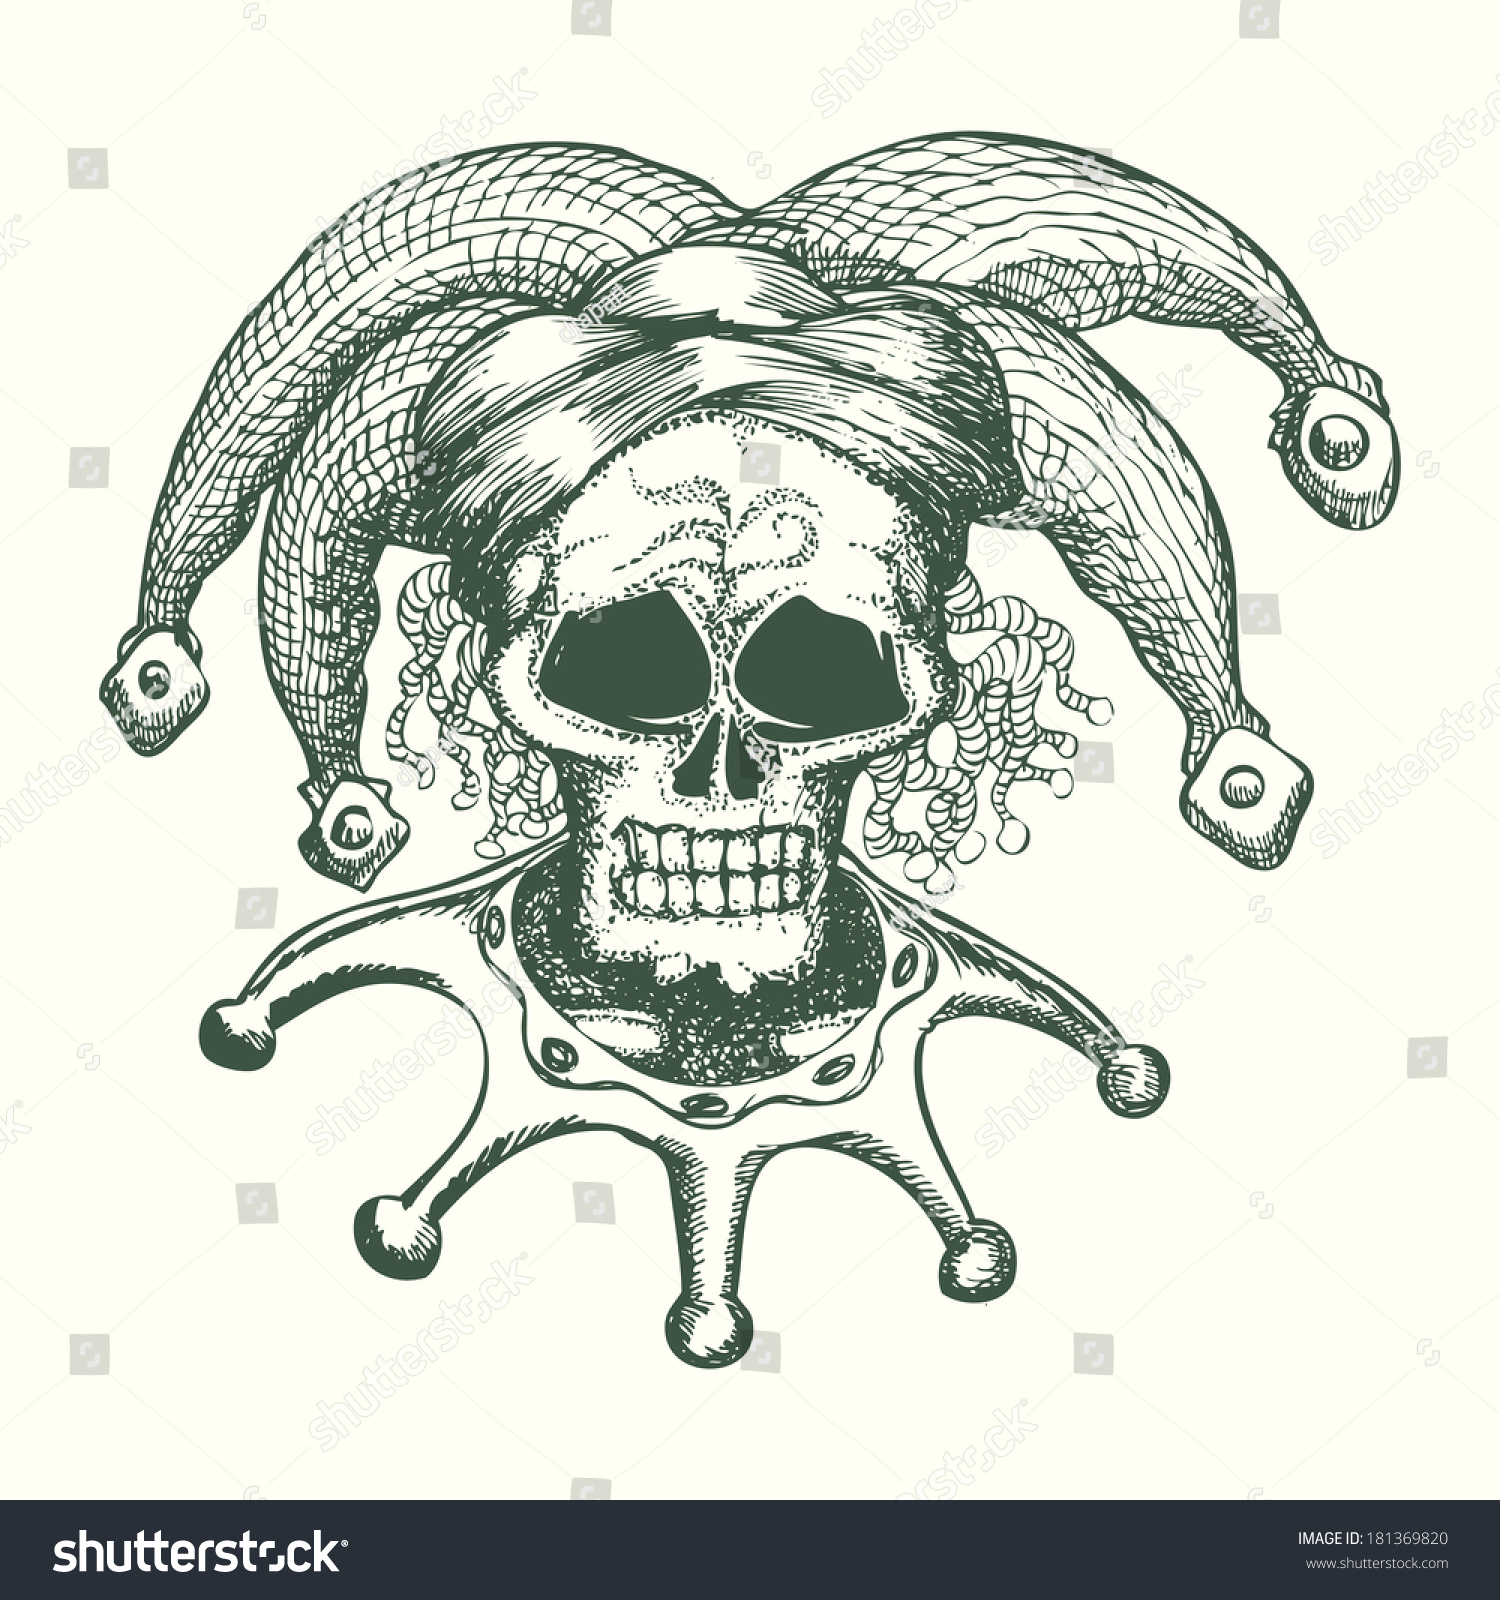 骷髅头戴小丑帽手绘卡通插画-物体,艺术-海洛创意()-.